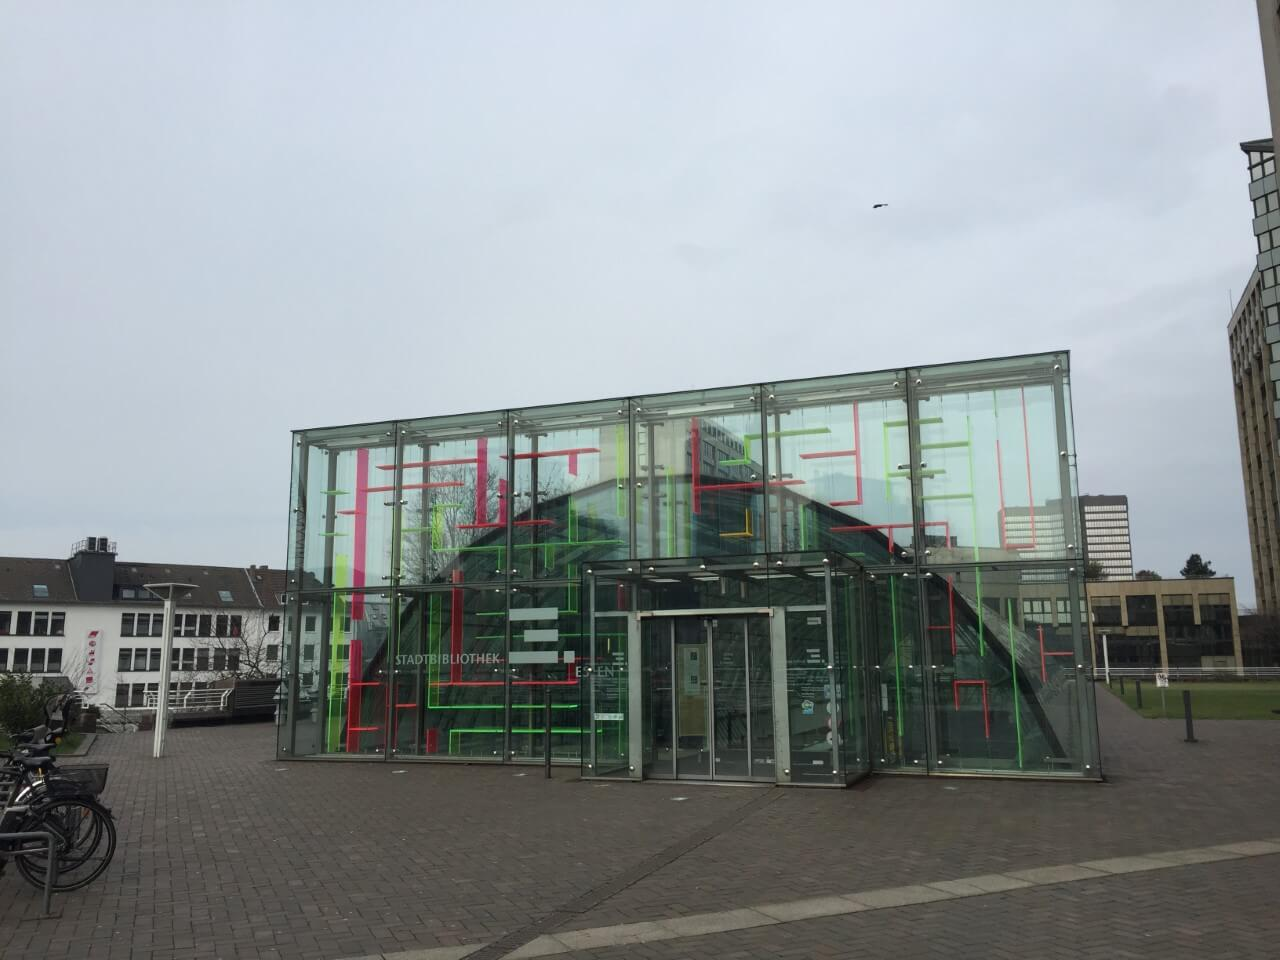 ドイツの街中に点在する世界一小さな図書館